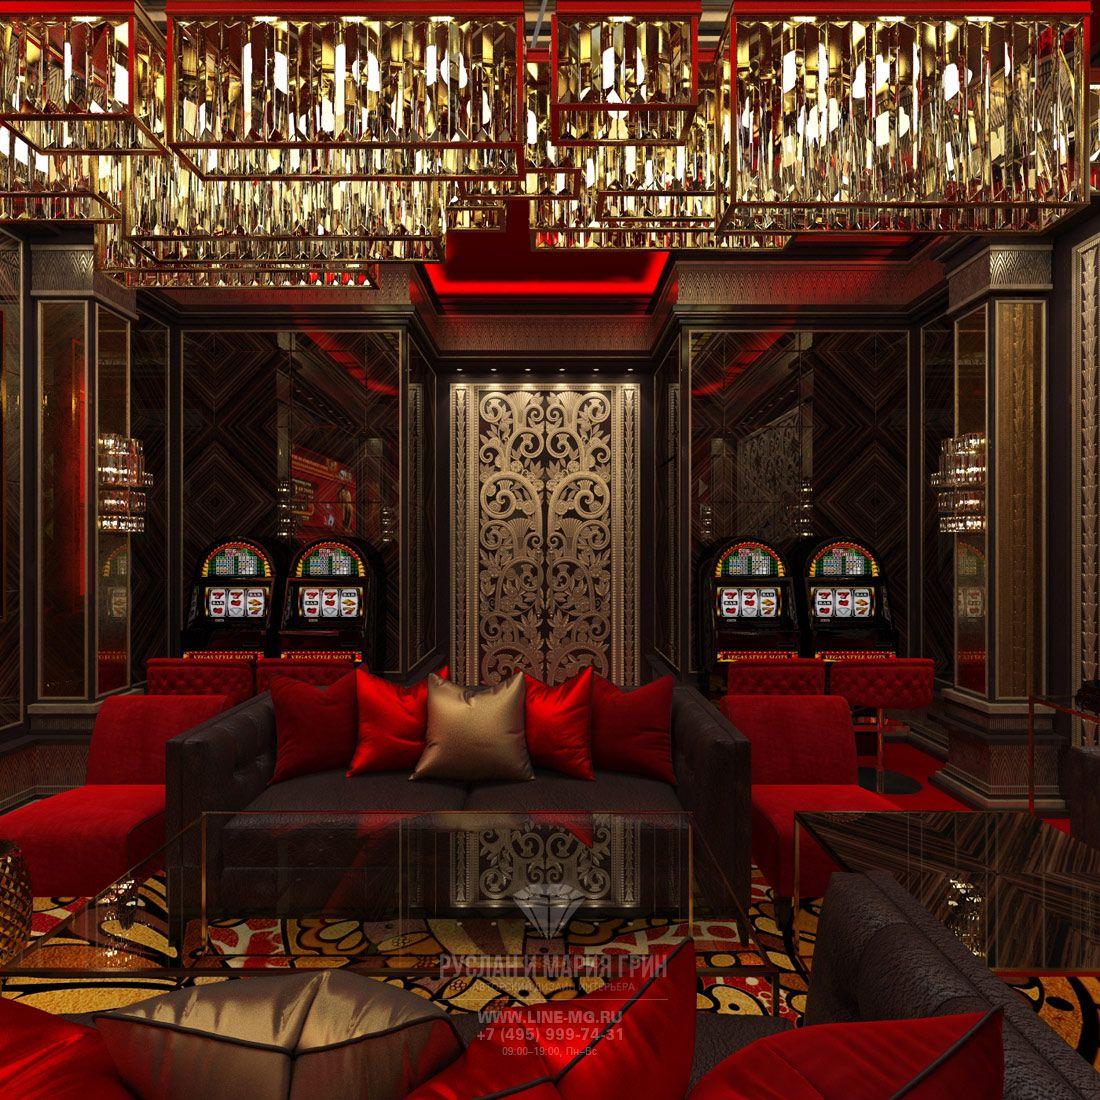 Дизайн помещения казино игра в карты свои козыри играть i